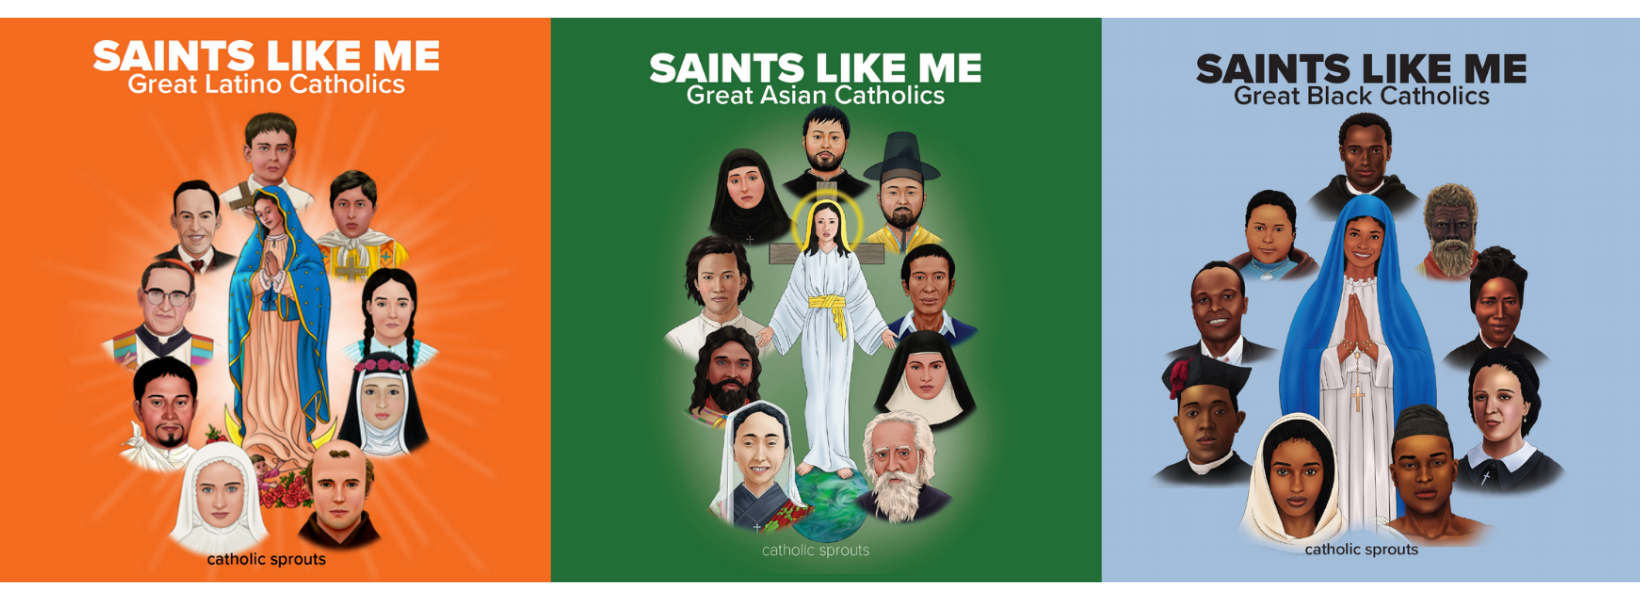 Saints Like Me Board Books